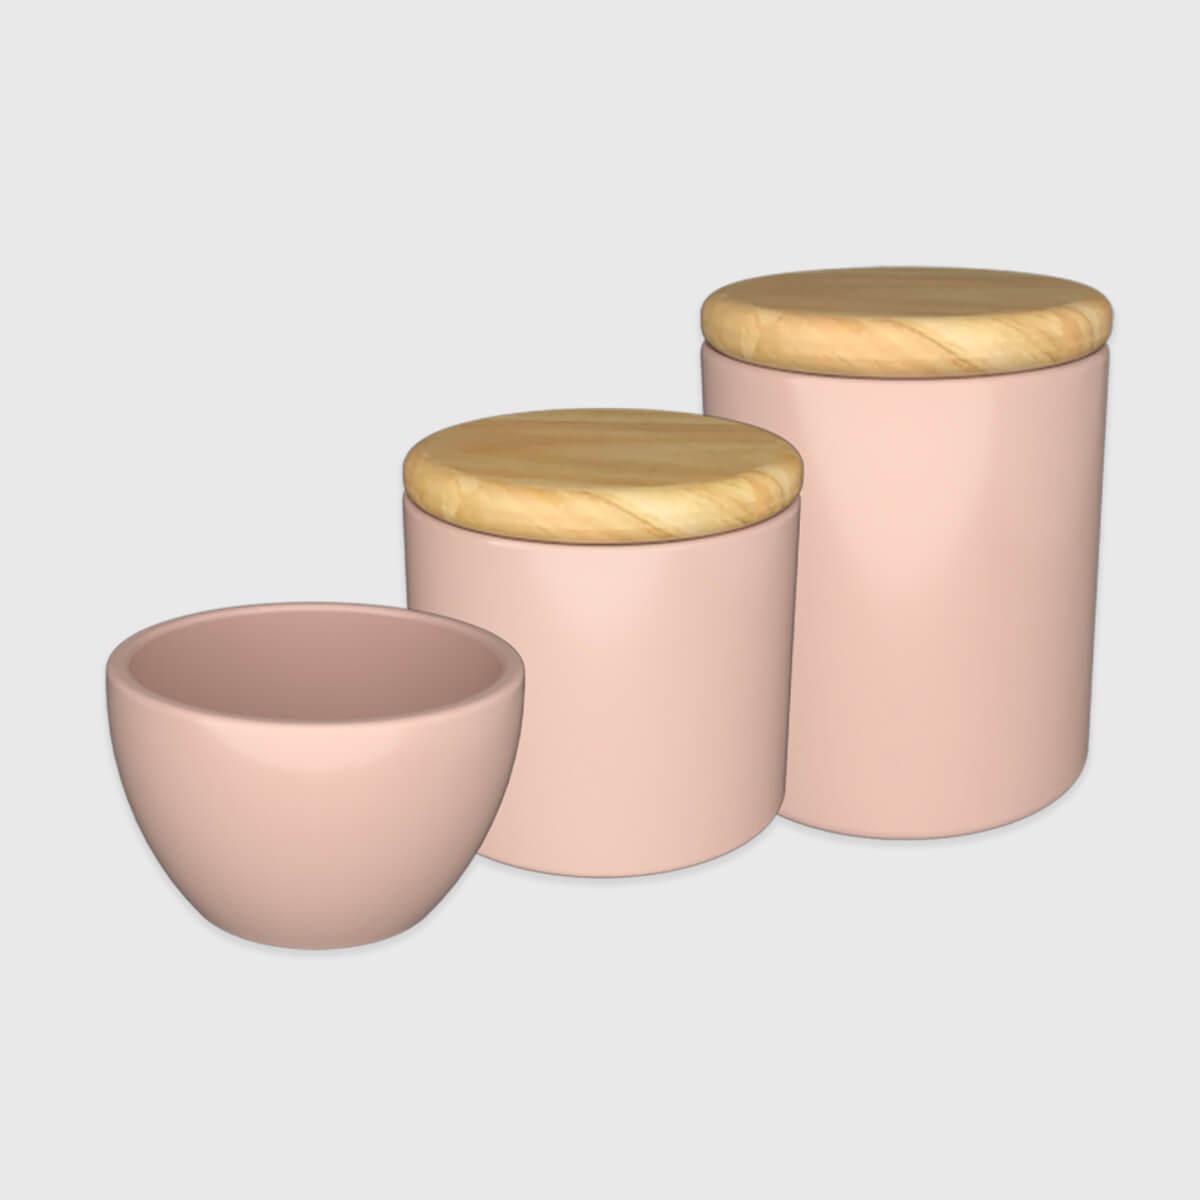 Kit higiene rosa com tampa de madeira